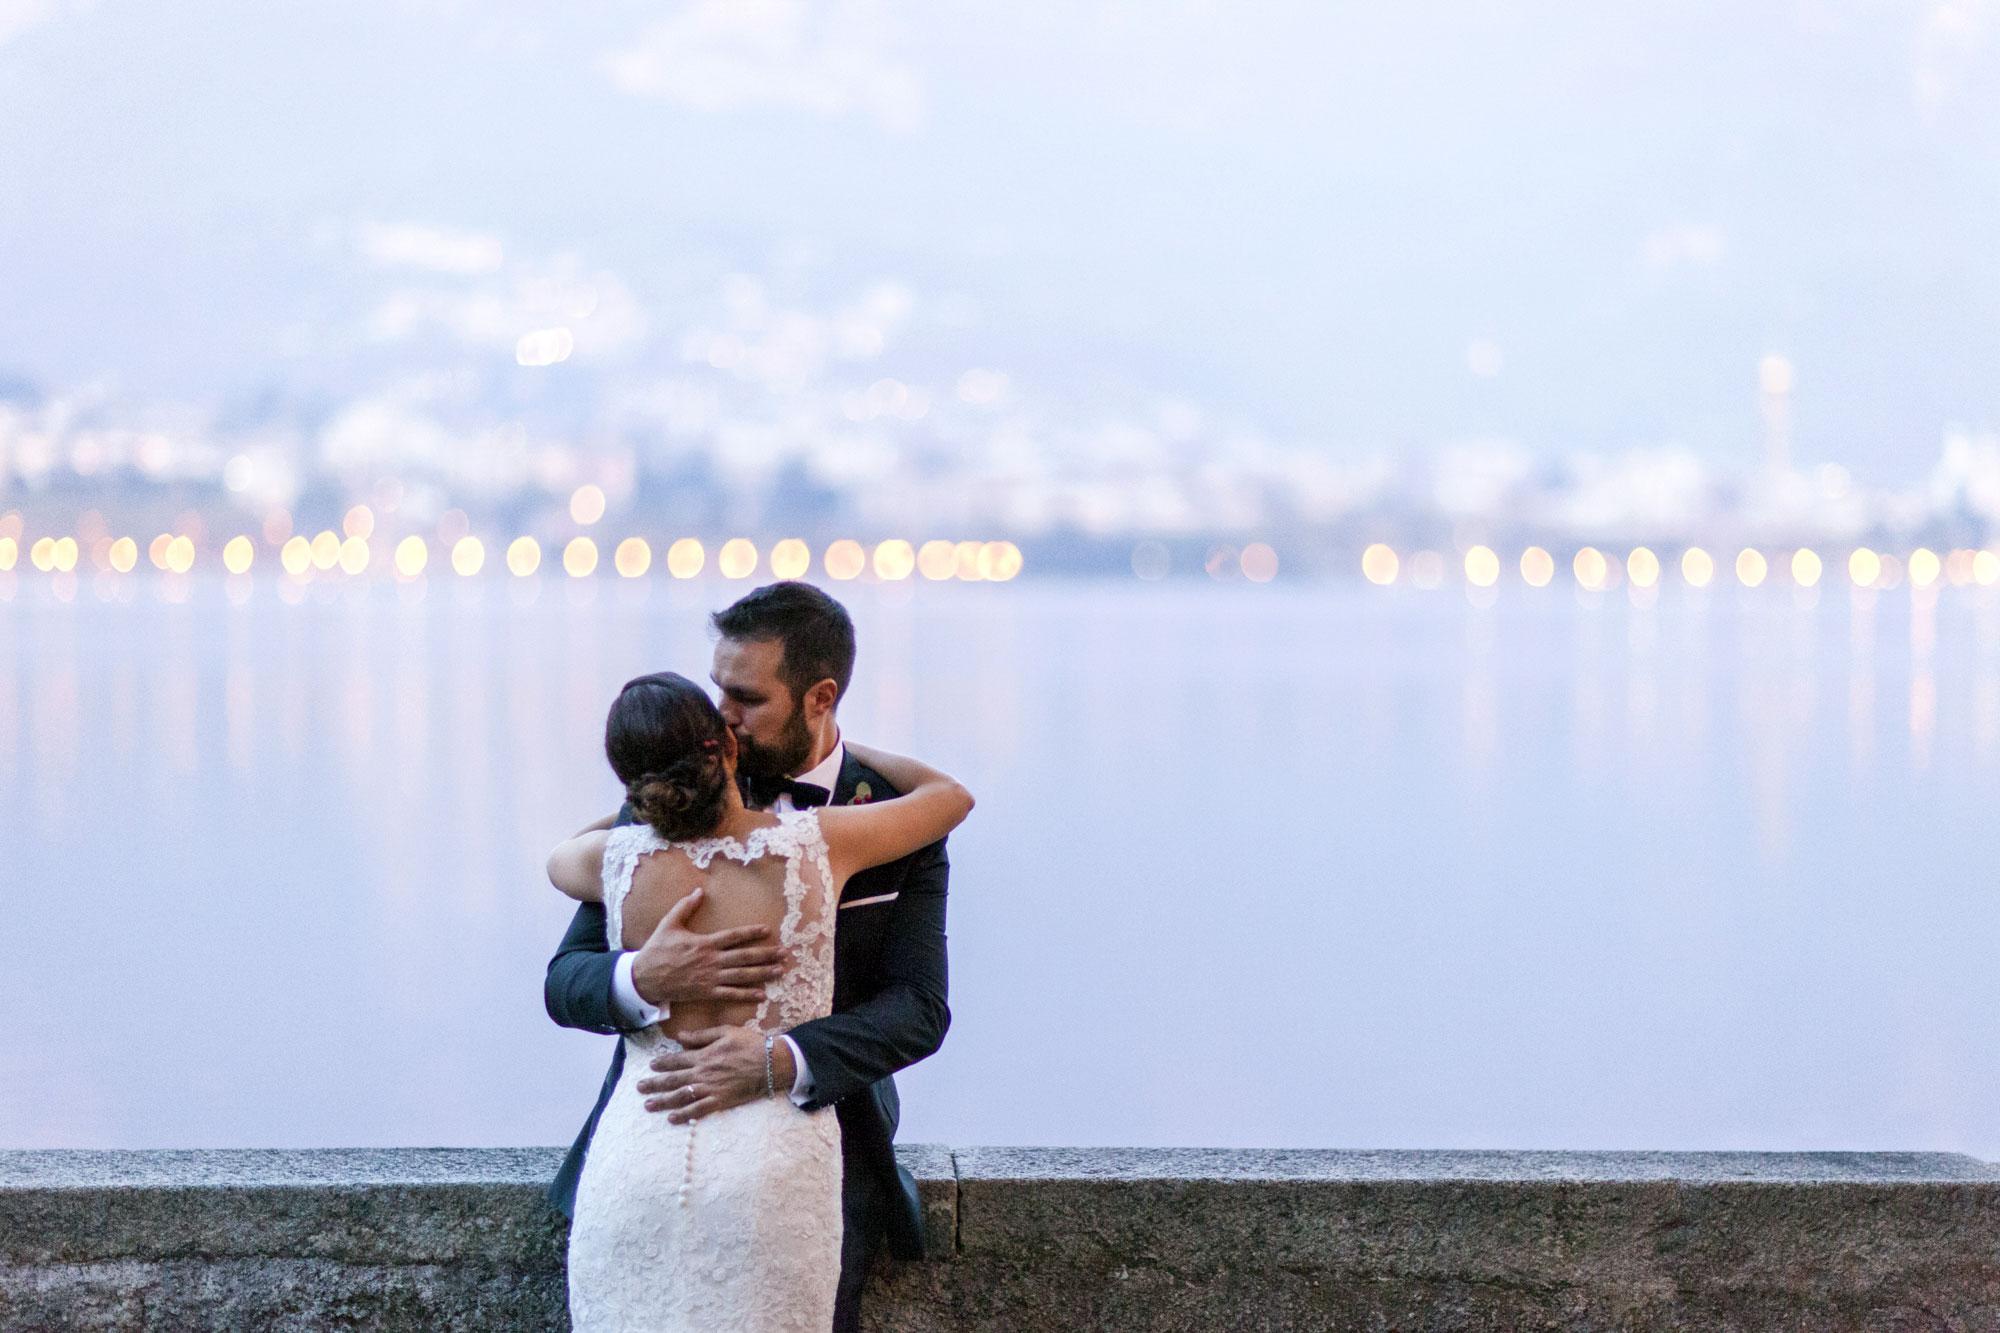 ONICE Eventi | wedding planner Monza e Brianza, Lecco | viva gli sposi